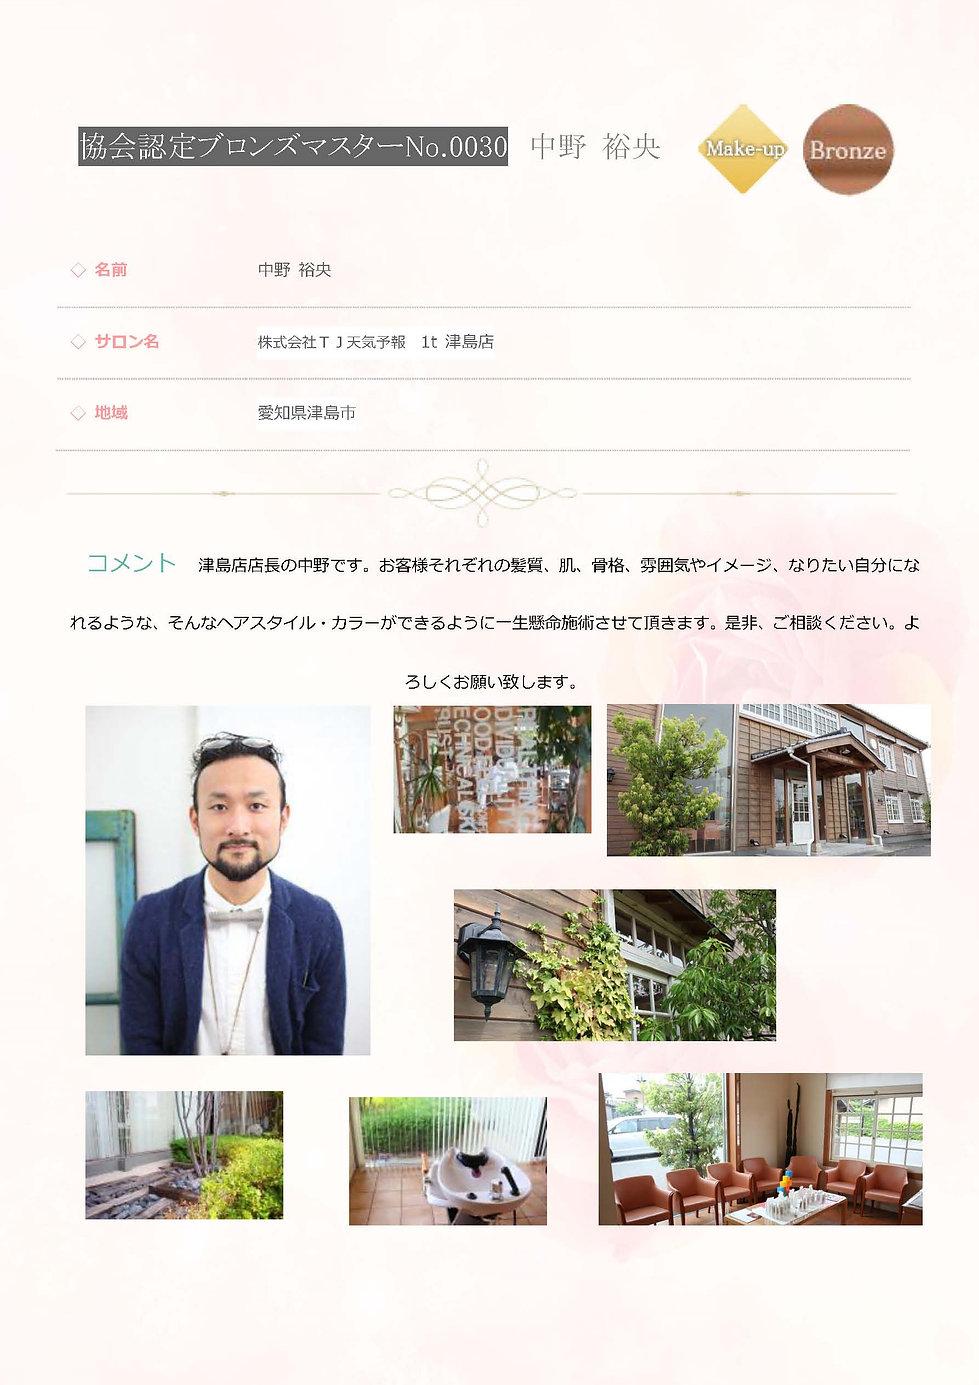 協会認定 ブロンズマスター メイク No0030 中野 裕央